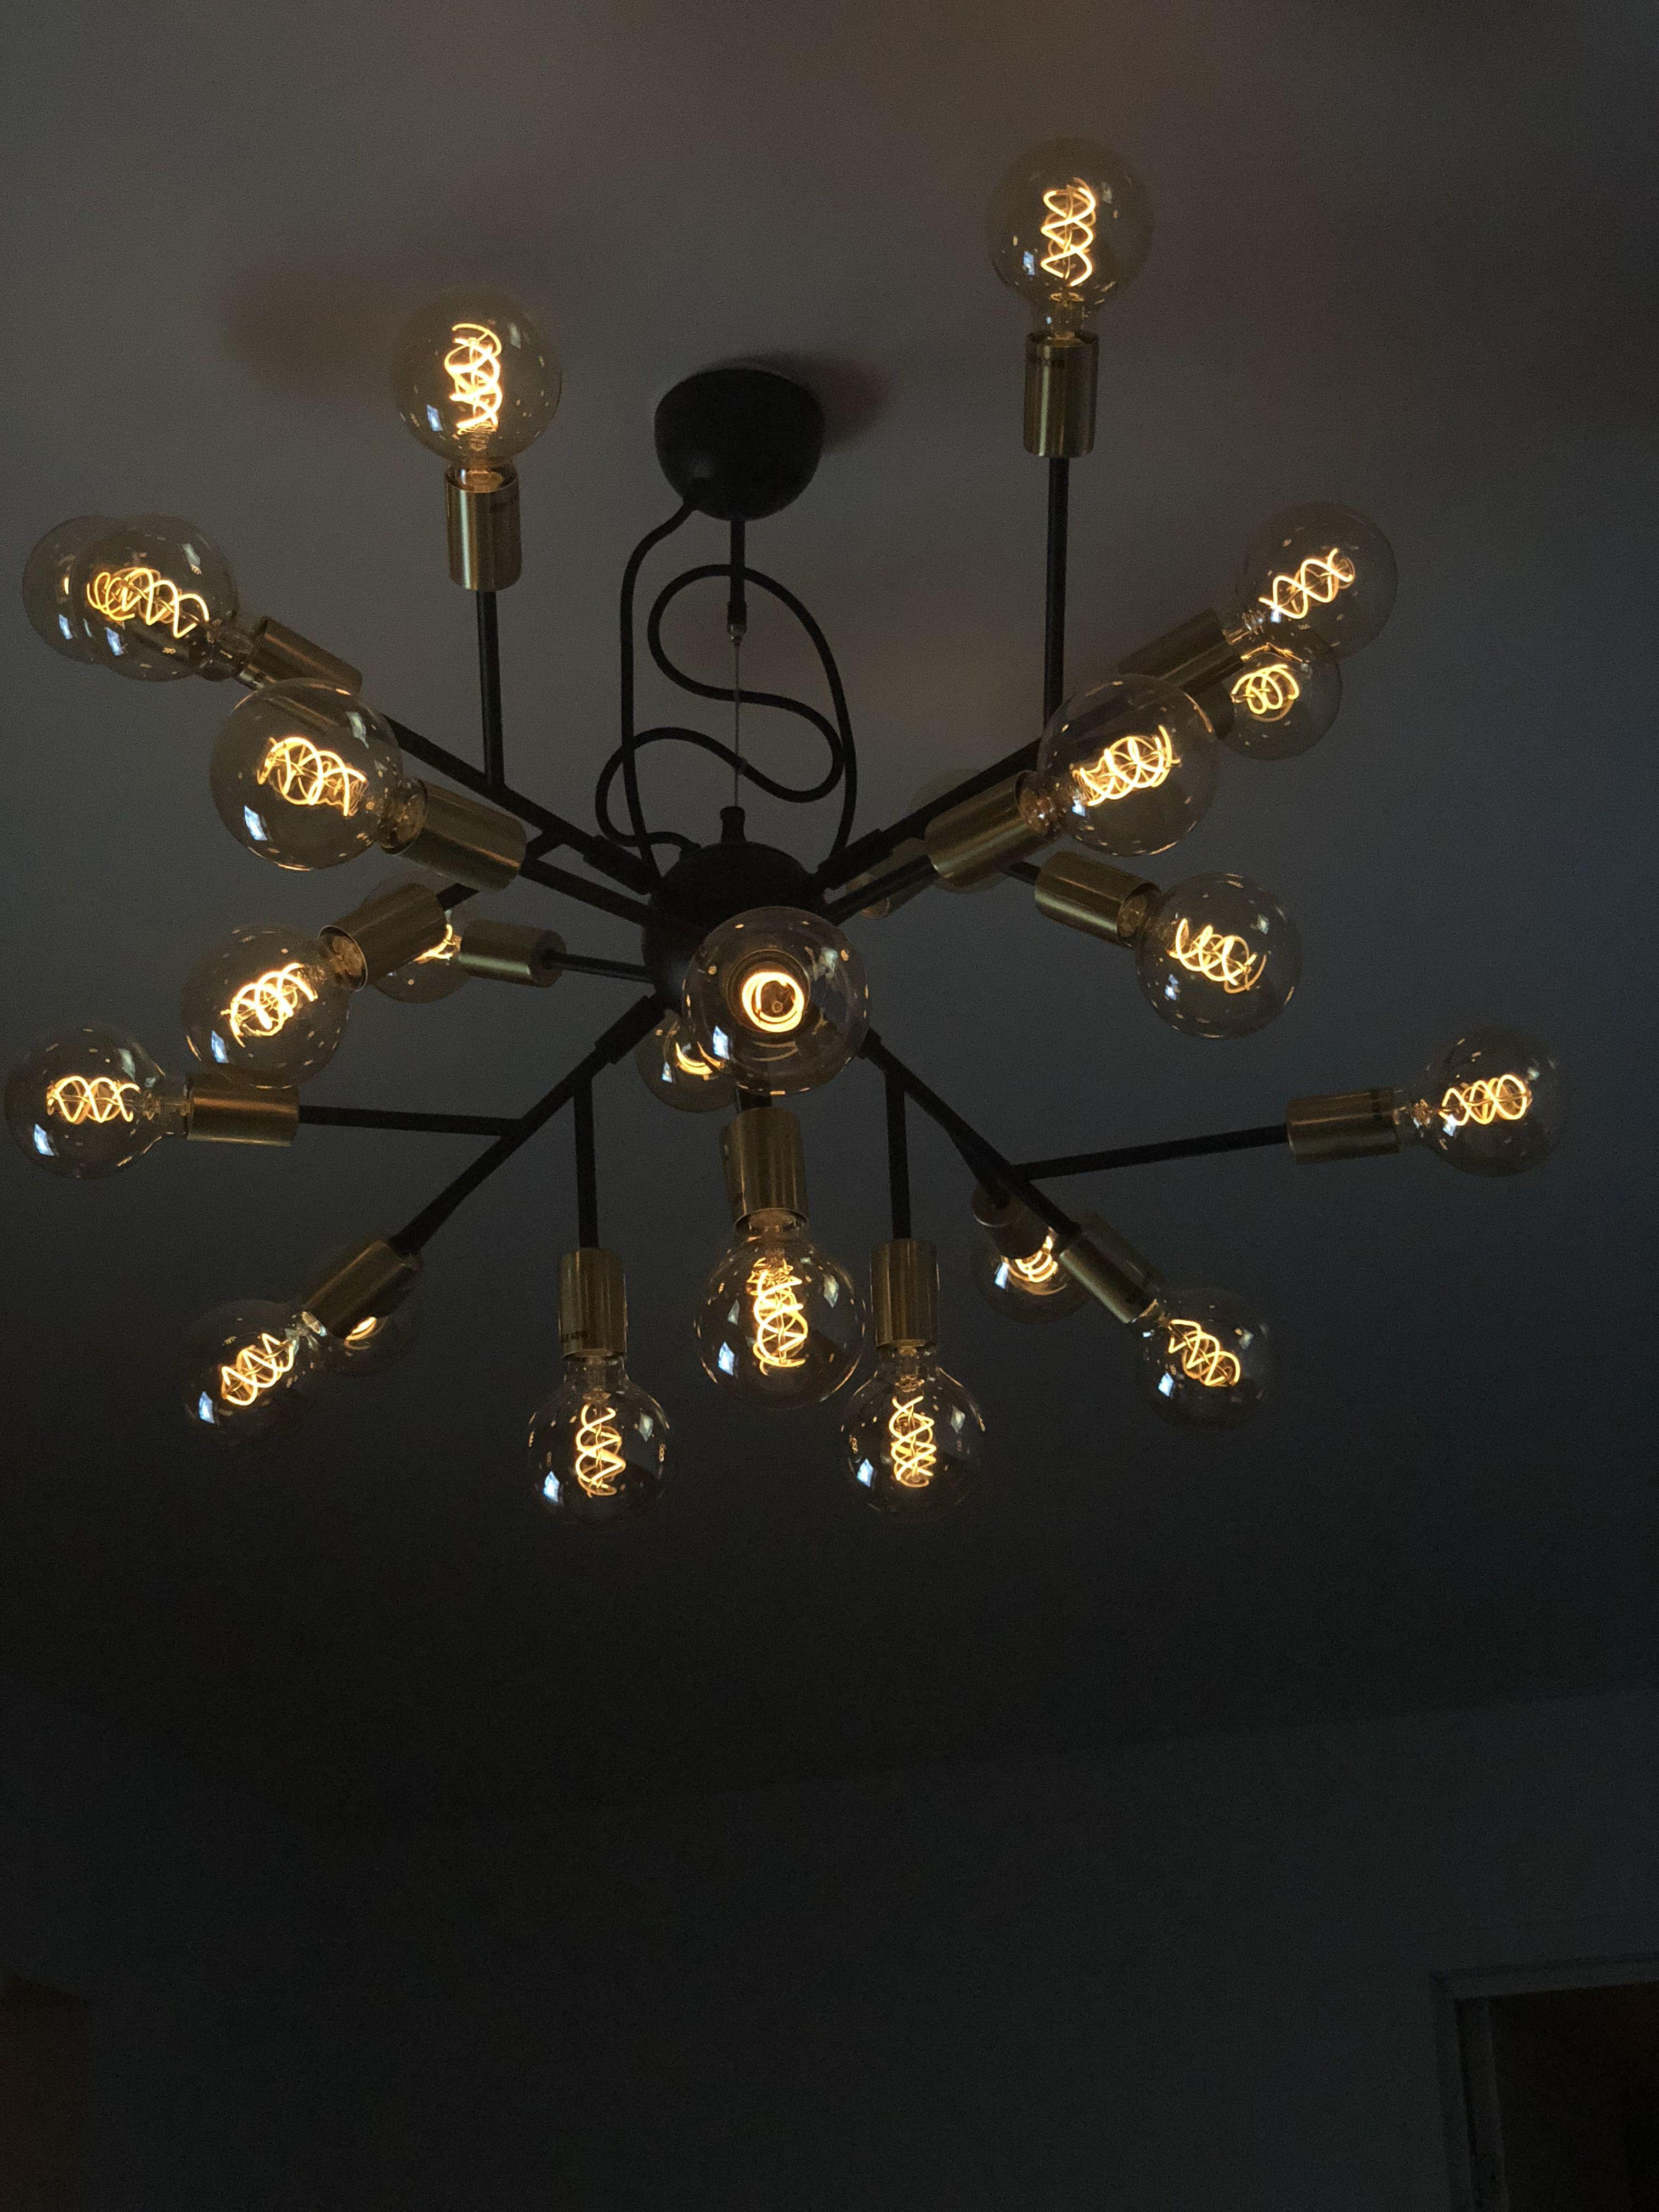 Hero Lampa Dekorerat Med Led Lampor Spiral Från Mio Vardagsrum Lampa Vardagsrum Lampor